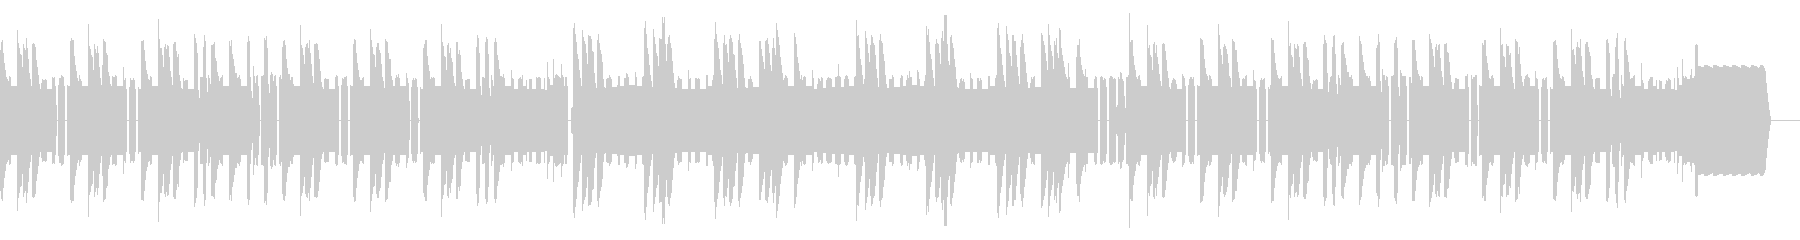 明るいファミコン初期のタイトル画面の未再生の波形